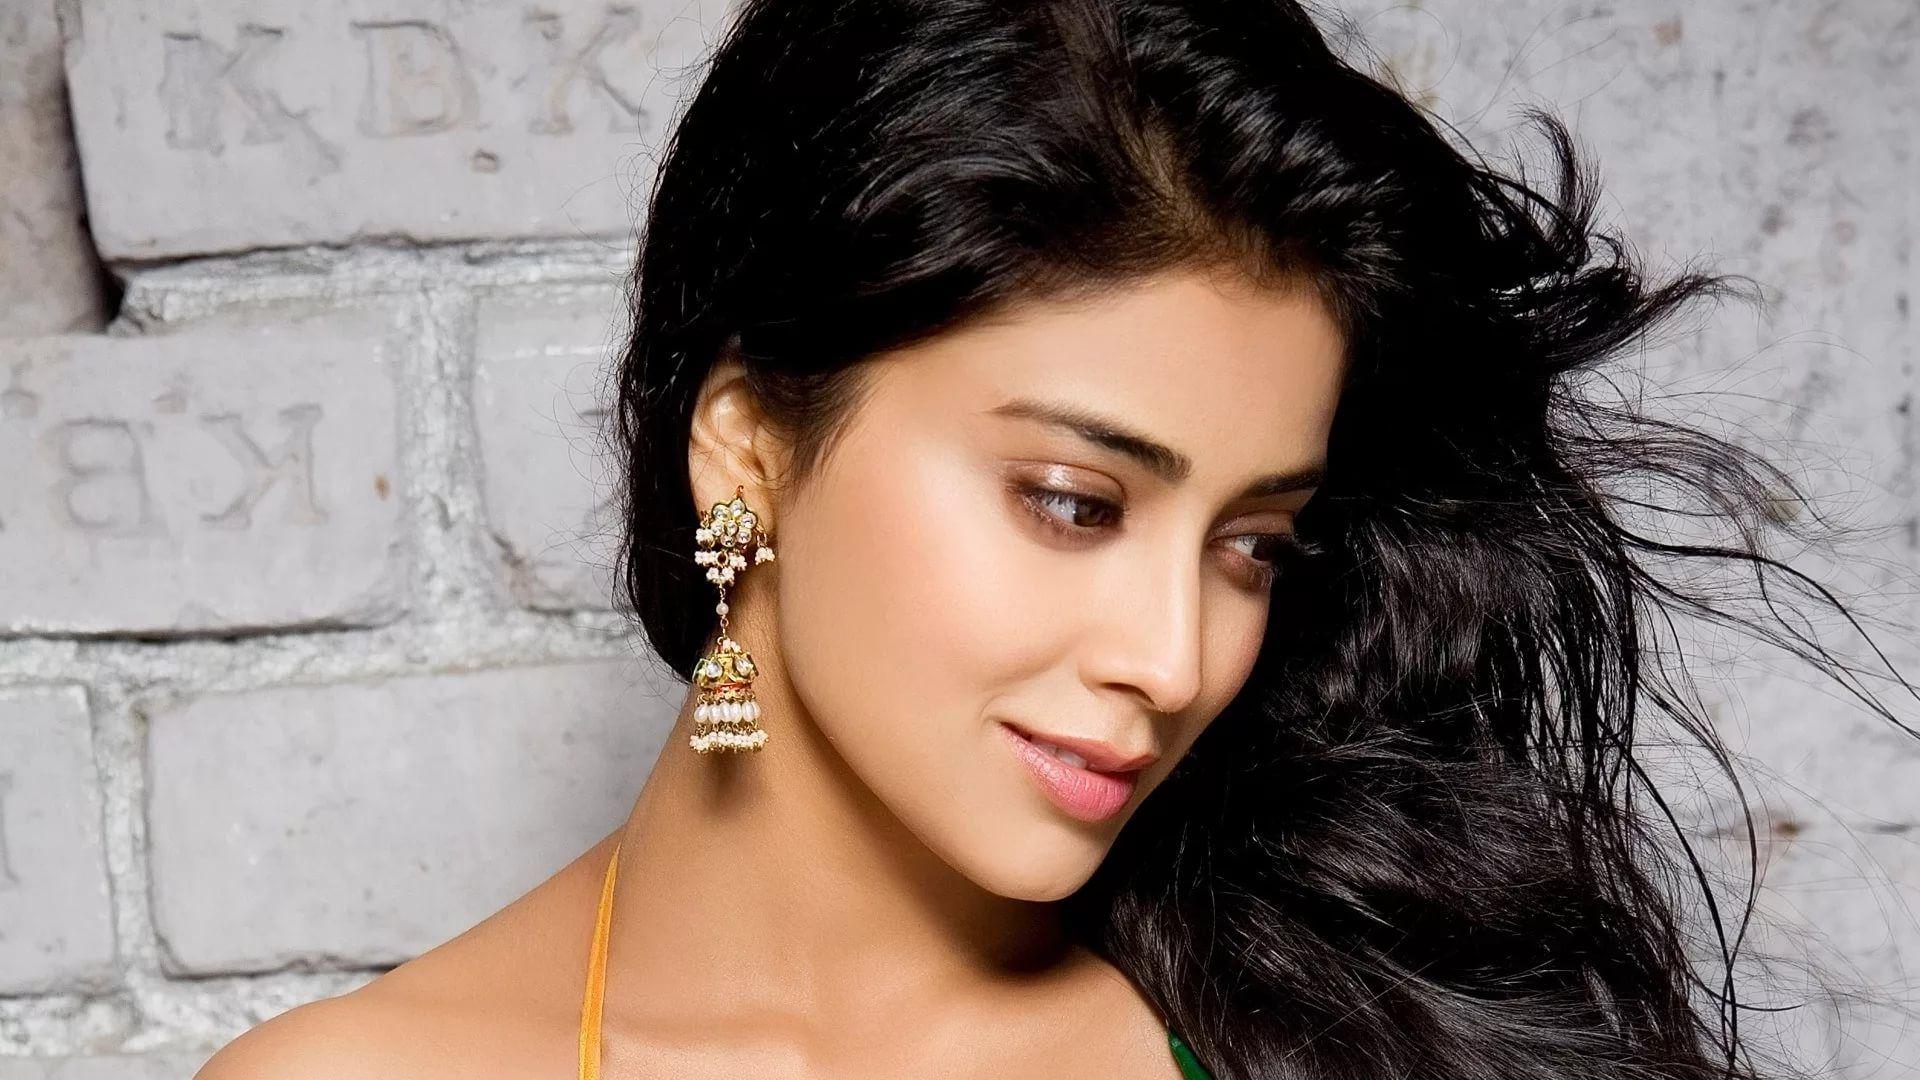 South Actress Hot High Resolution desktop wallpaper